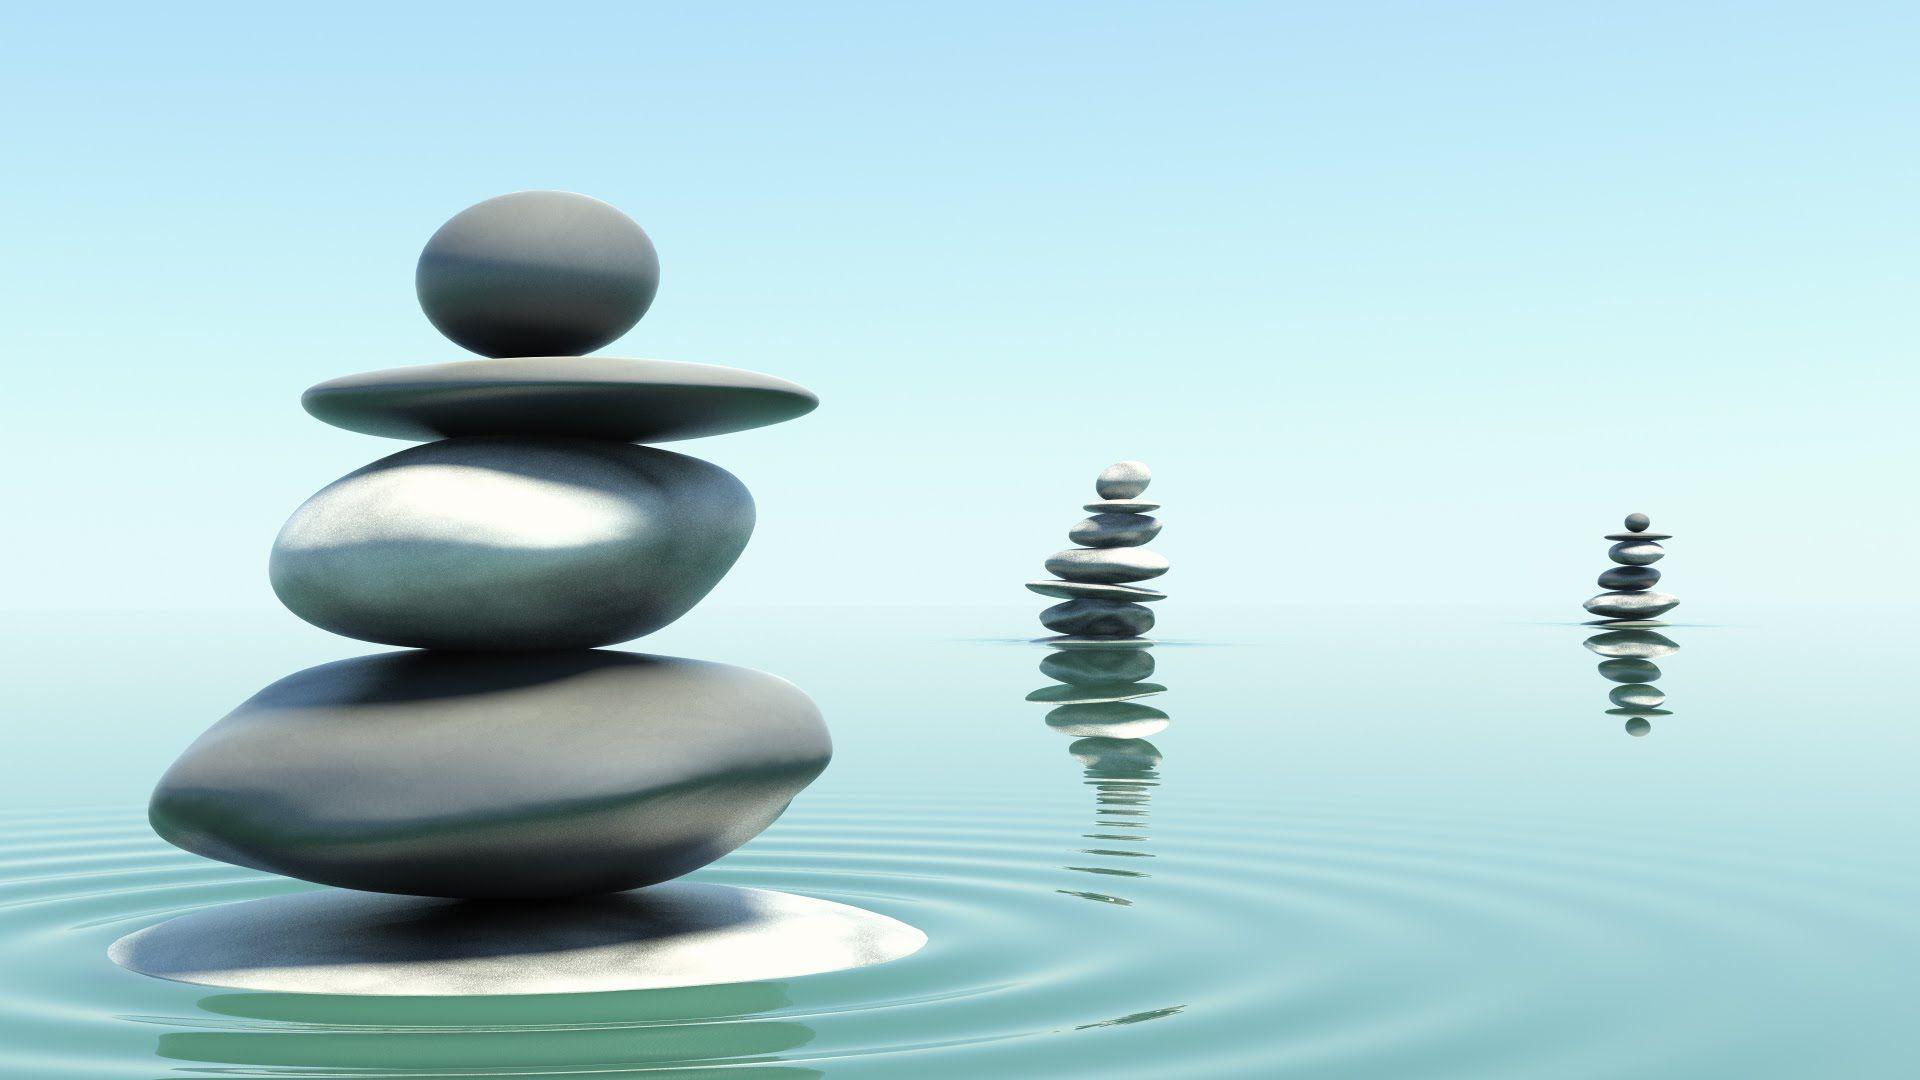 Musica 100% ZEN  Harmony BuddhismEl zen emergió desde distintas escuelas de budismo y fue registrado primero en China en el siglo VII, luego se dispersó hacia el sur a Vietnam y al este a Corea y Japón. Tradicionalmente se da el crédito de traer el zen a China a Bodhidharma, un príncipe convertido en monje proveniente de la Dinastía pallava (de India del Sur), que llegó a China para enseñar